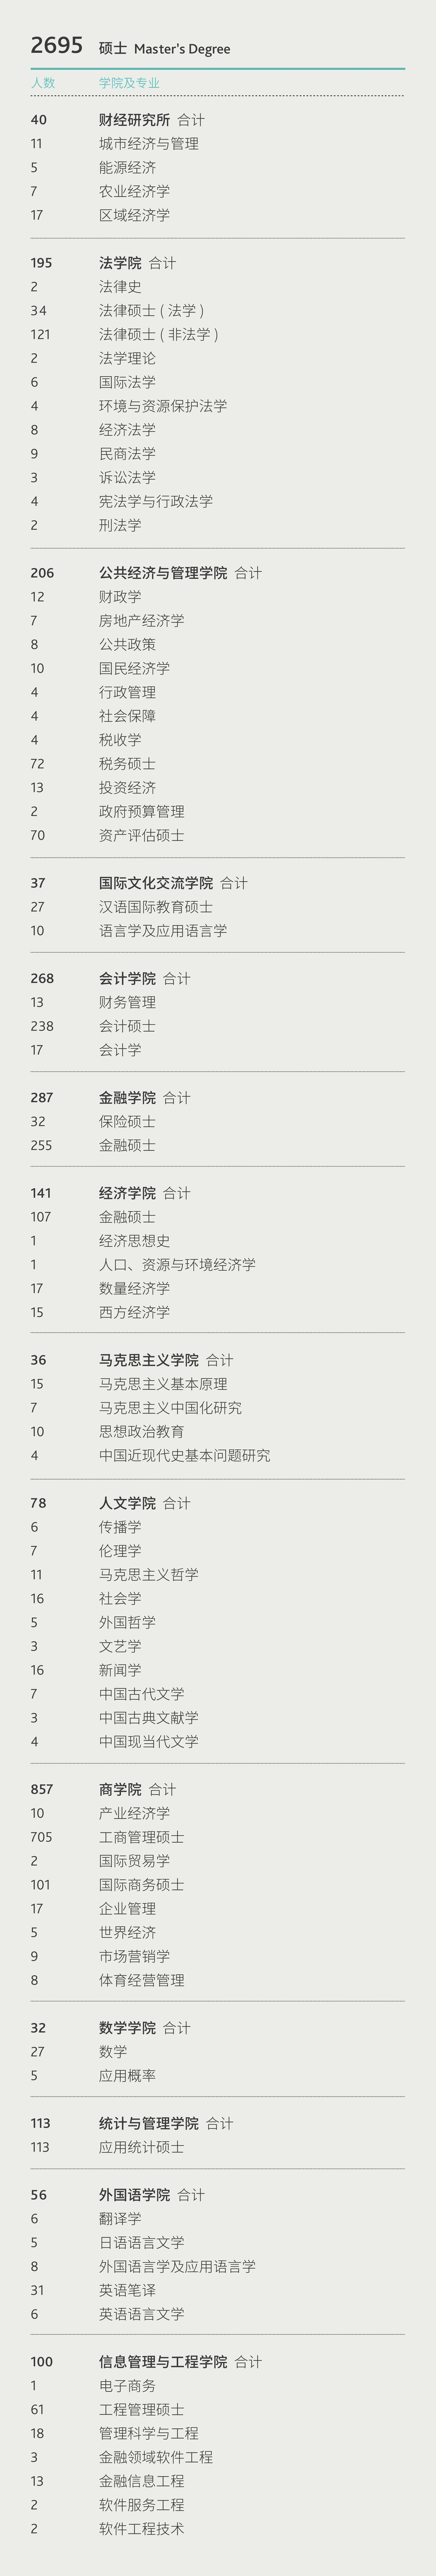 2022毕业生生源及招聘服务wechat-06.jpg